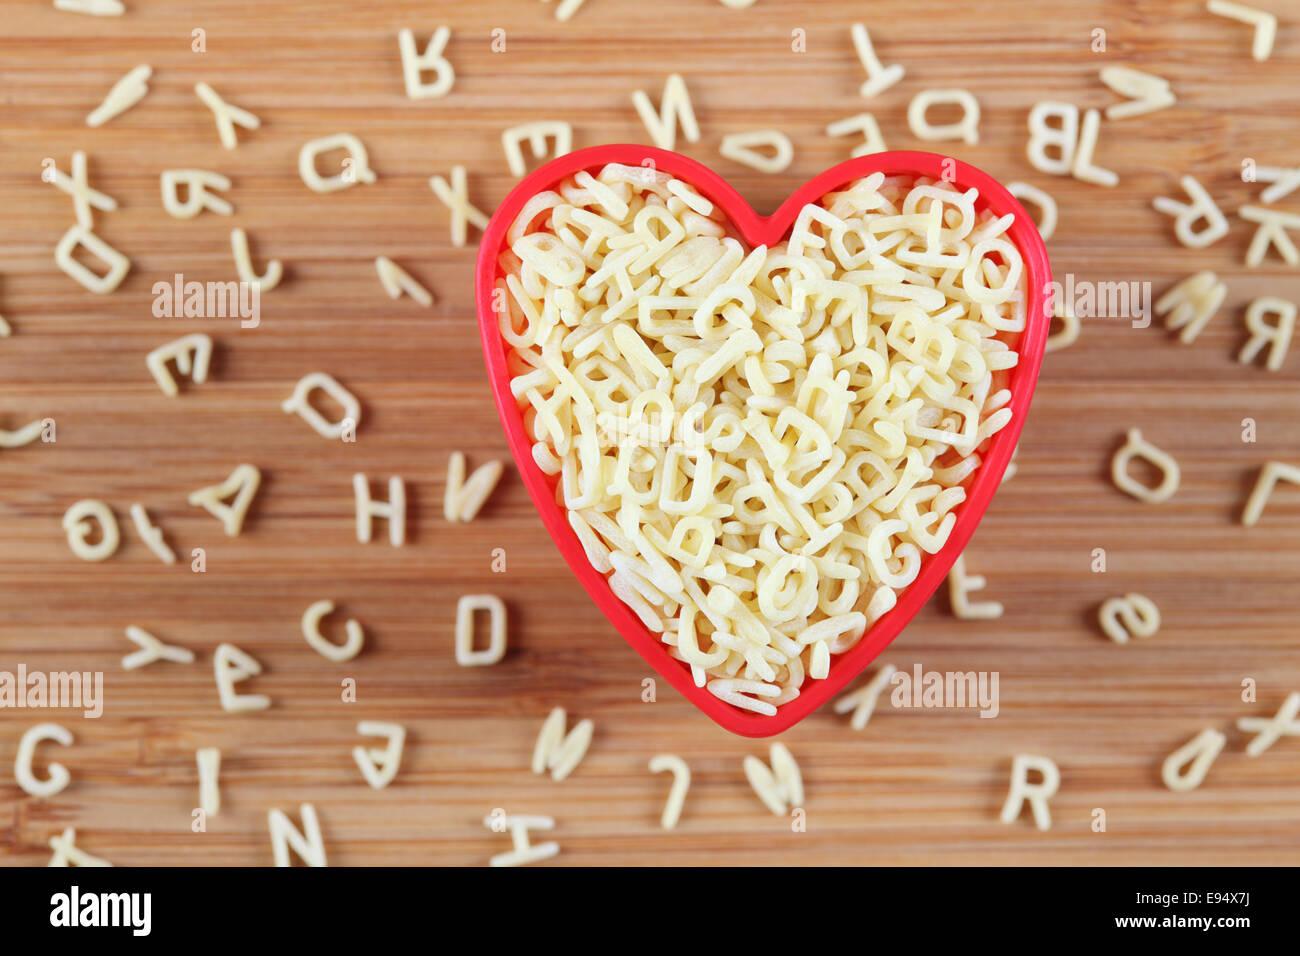 Soupe à l'alphabet de matières premières pâtes dans un bol coeur. Close-up. Photo Stock